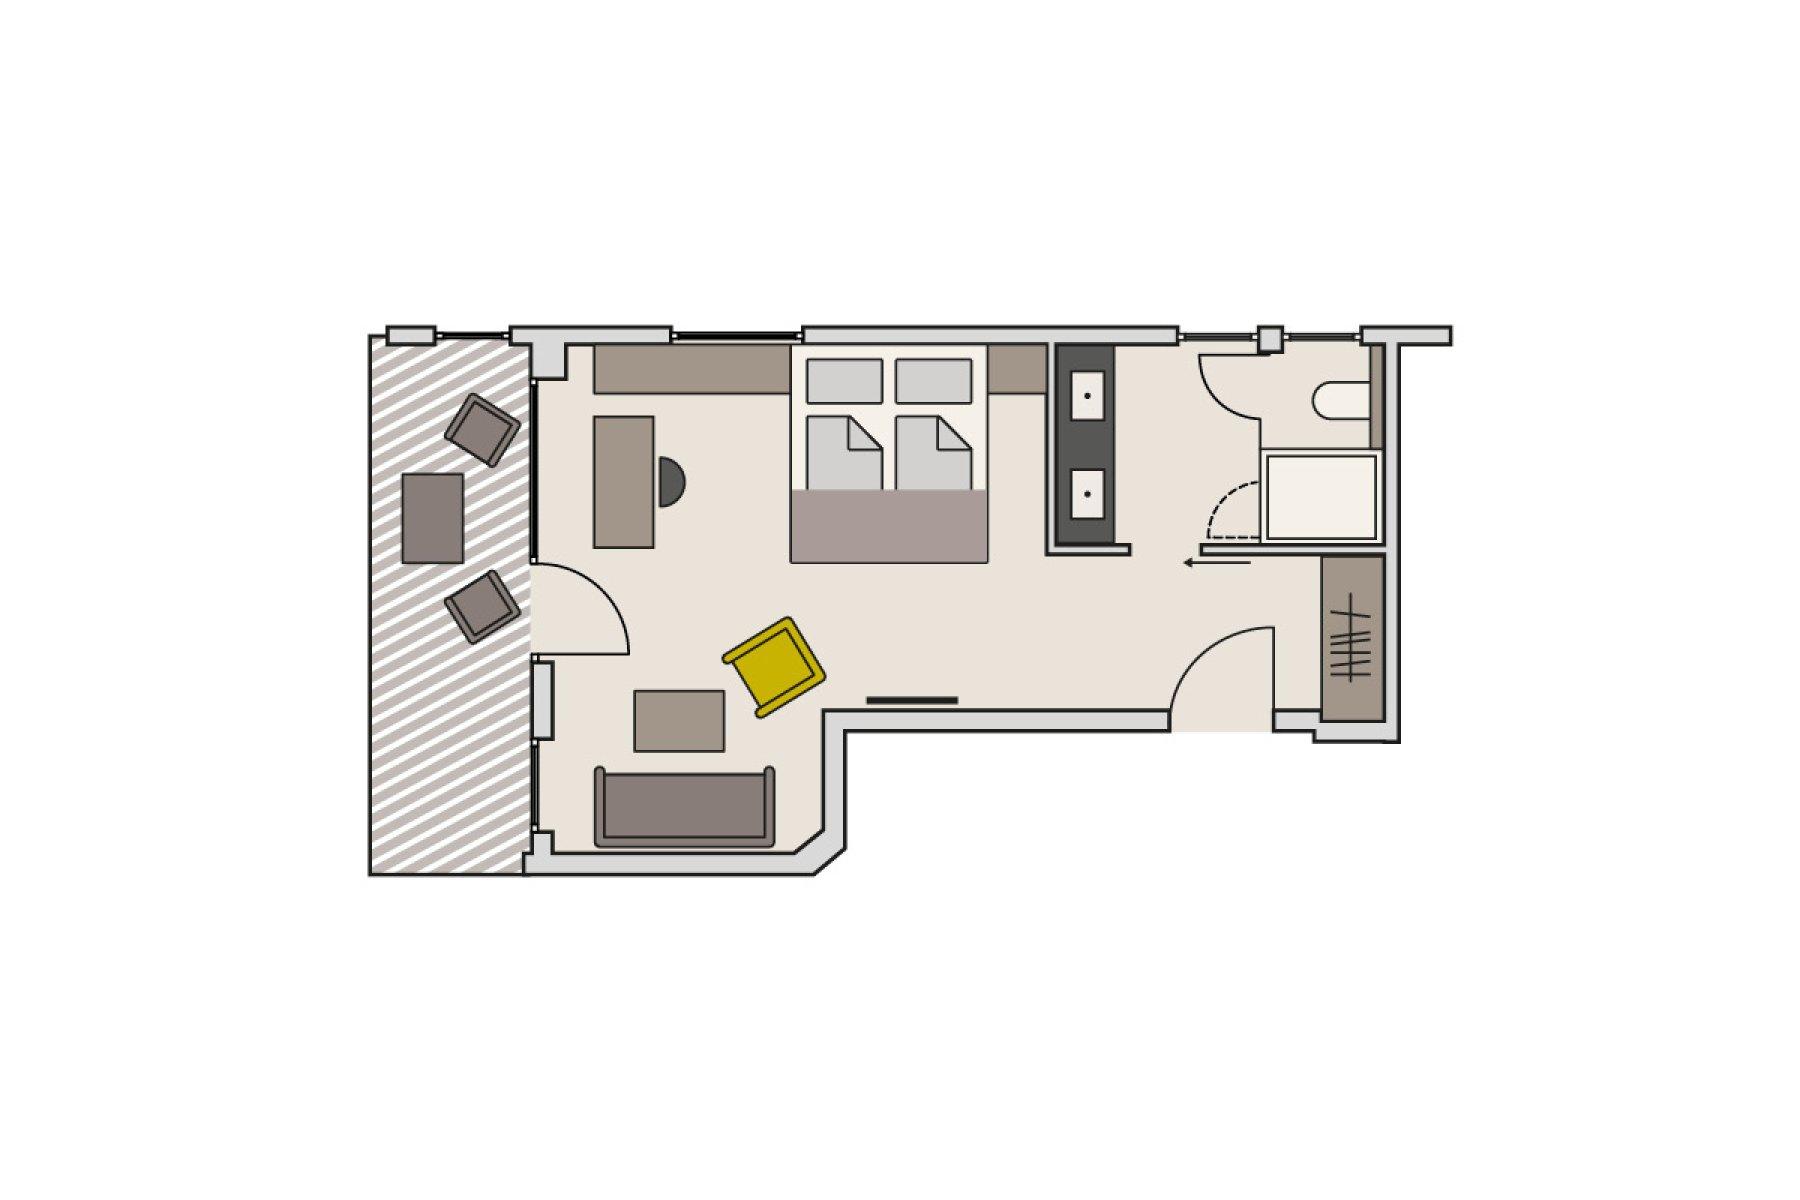 Zimmergrundriss Gutshof - Themenzimmer Schwarzenbach (Beispiel)